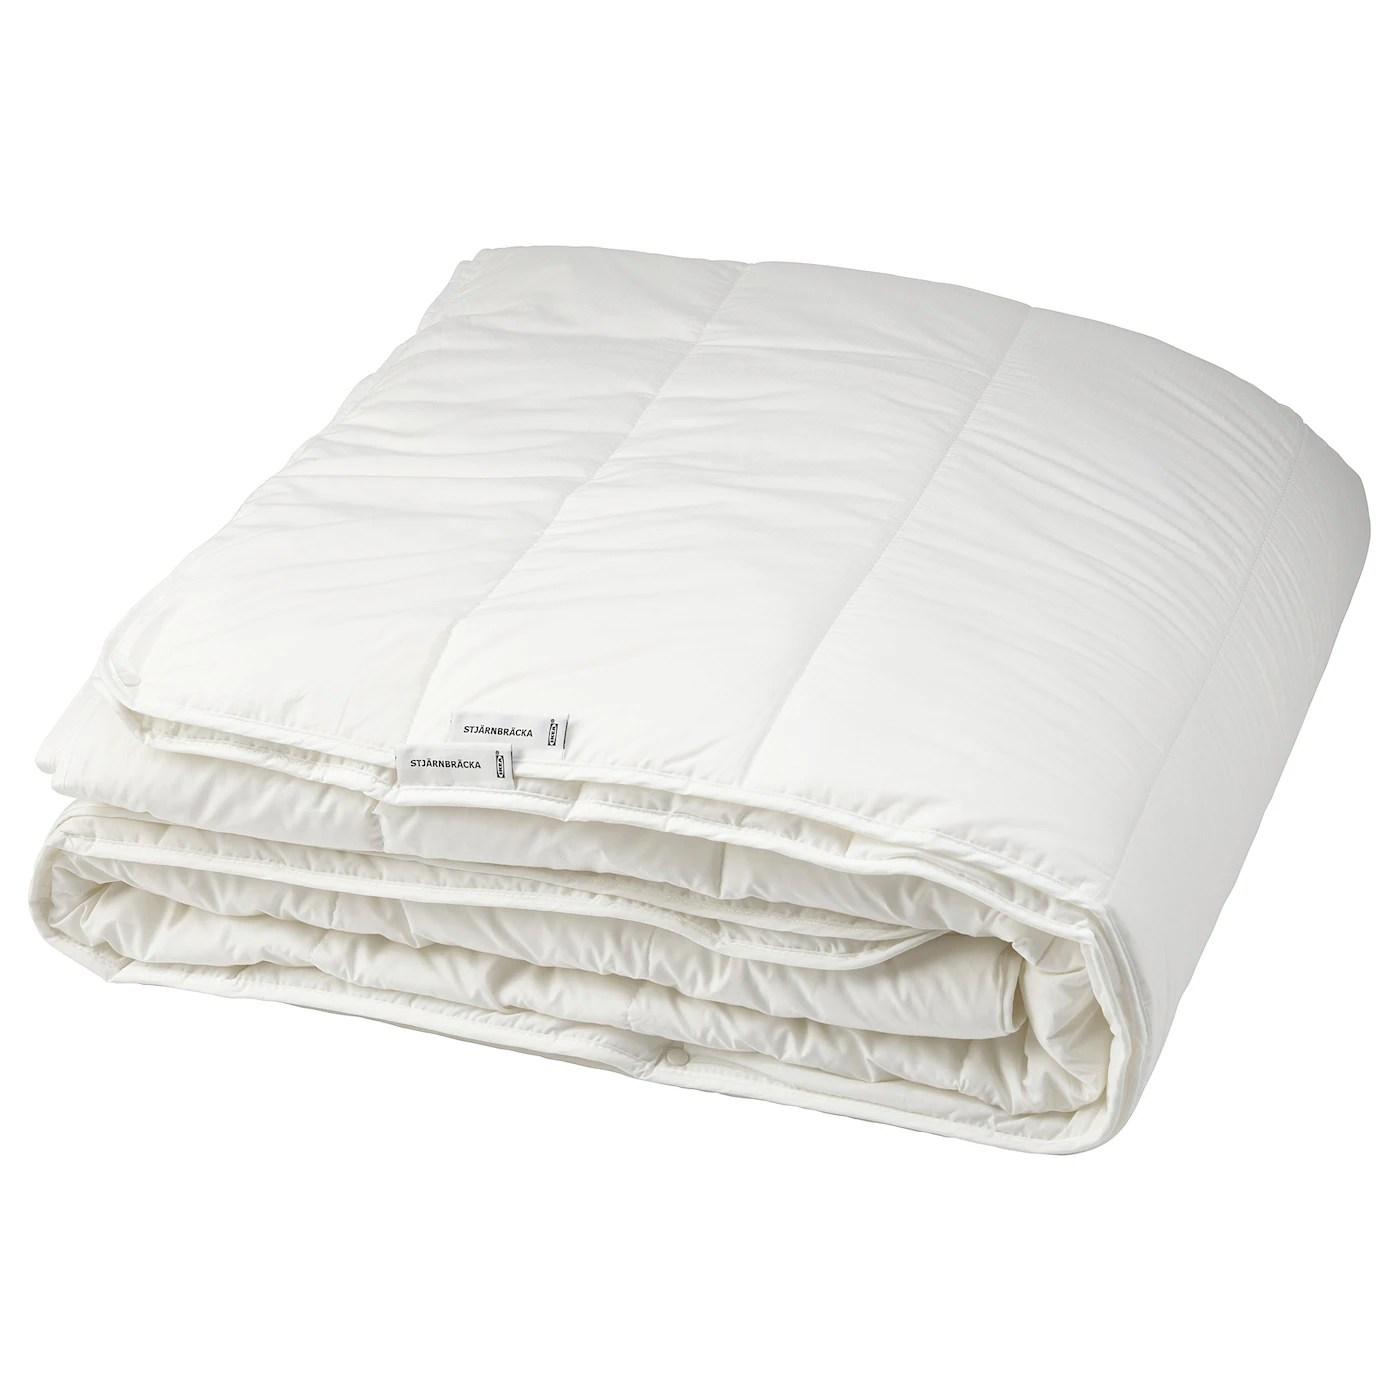 Chi ama le soluzioni molto calde e realizzate con fibre naturali può. Stjarnbracka Piumino 4 Stagioni 240x220 Cm Ikea It